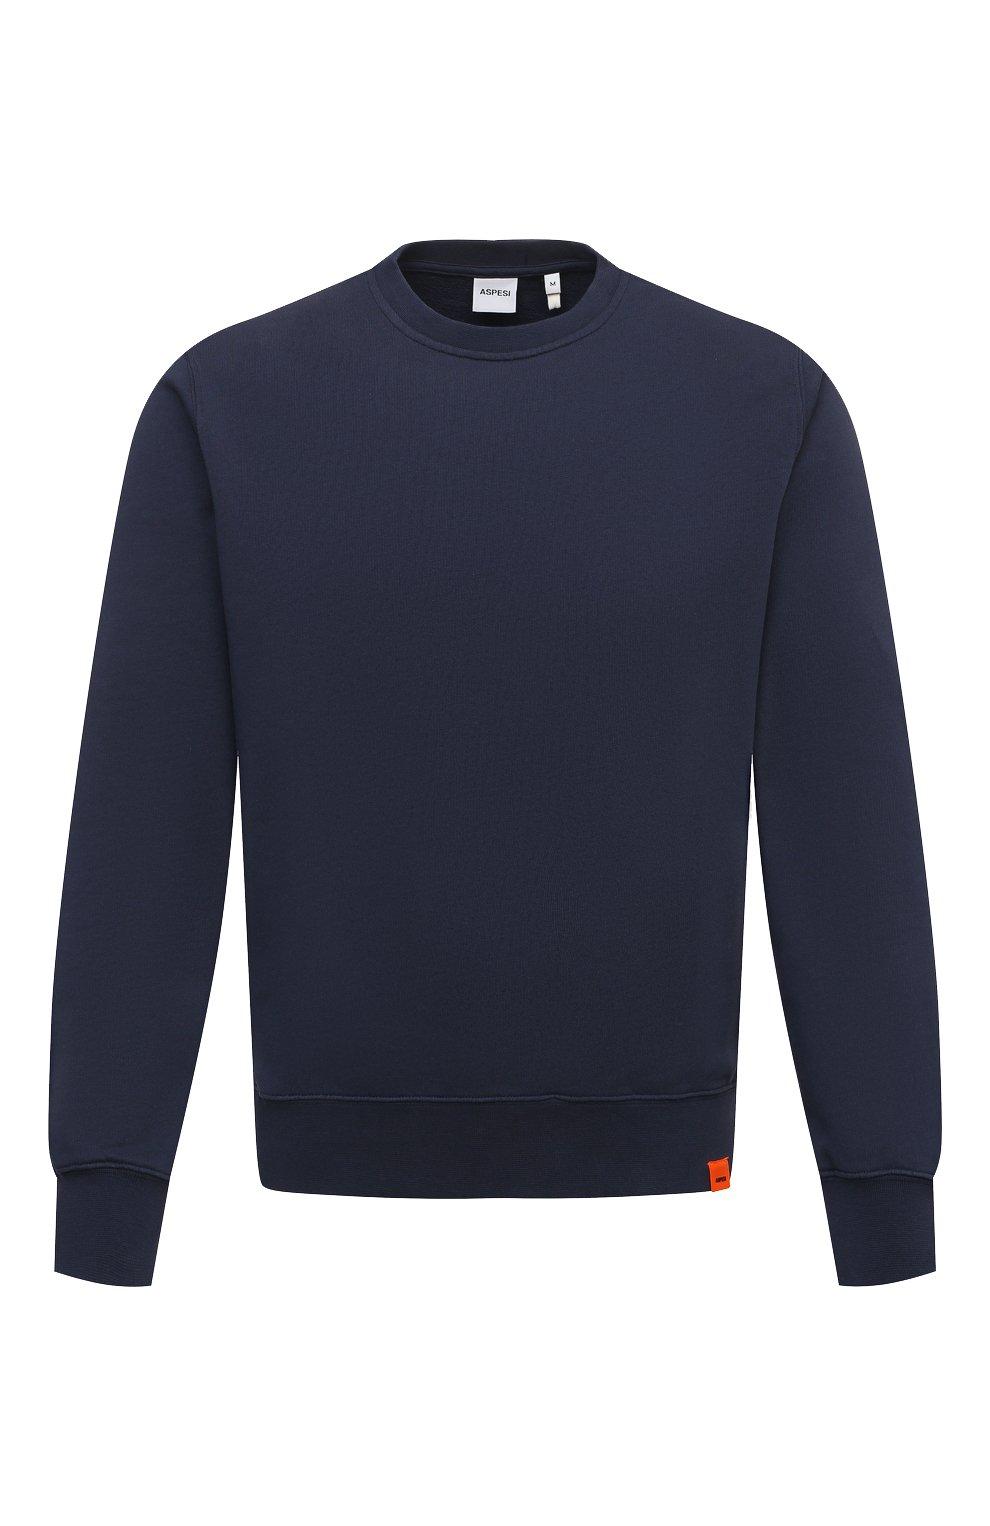 Мужской хлопковый свитшот ASPESI темно-синего цвета, арт. S1 A AY40 G455   Фото 1 (Рукава: Длинные; Принт: Без принта; Длина (для топов): Стандартные; Мужское Кросс-КТ: свитшот-одежда; Материал внешний: Хлопок; Стили: Кэжуэл)